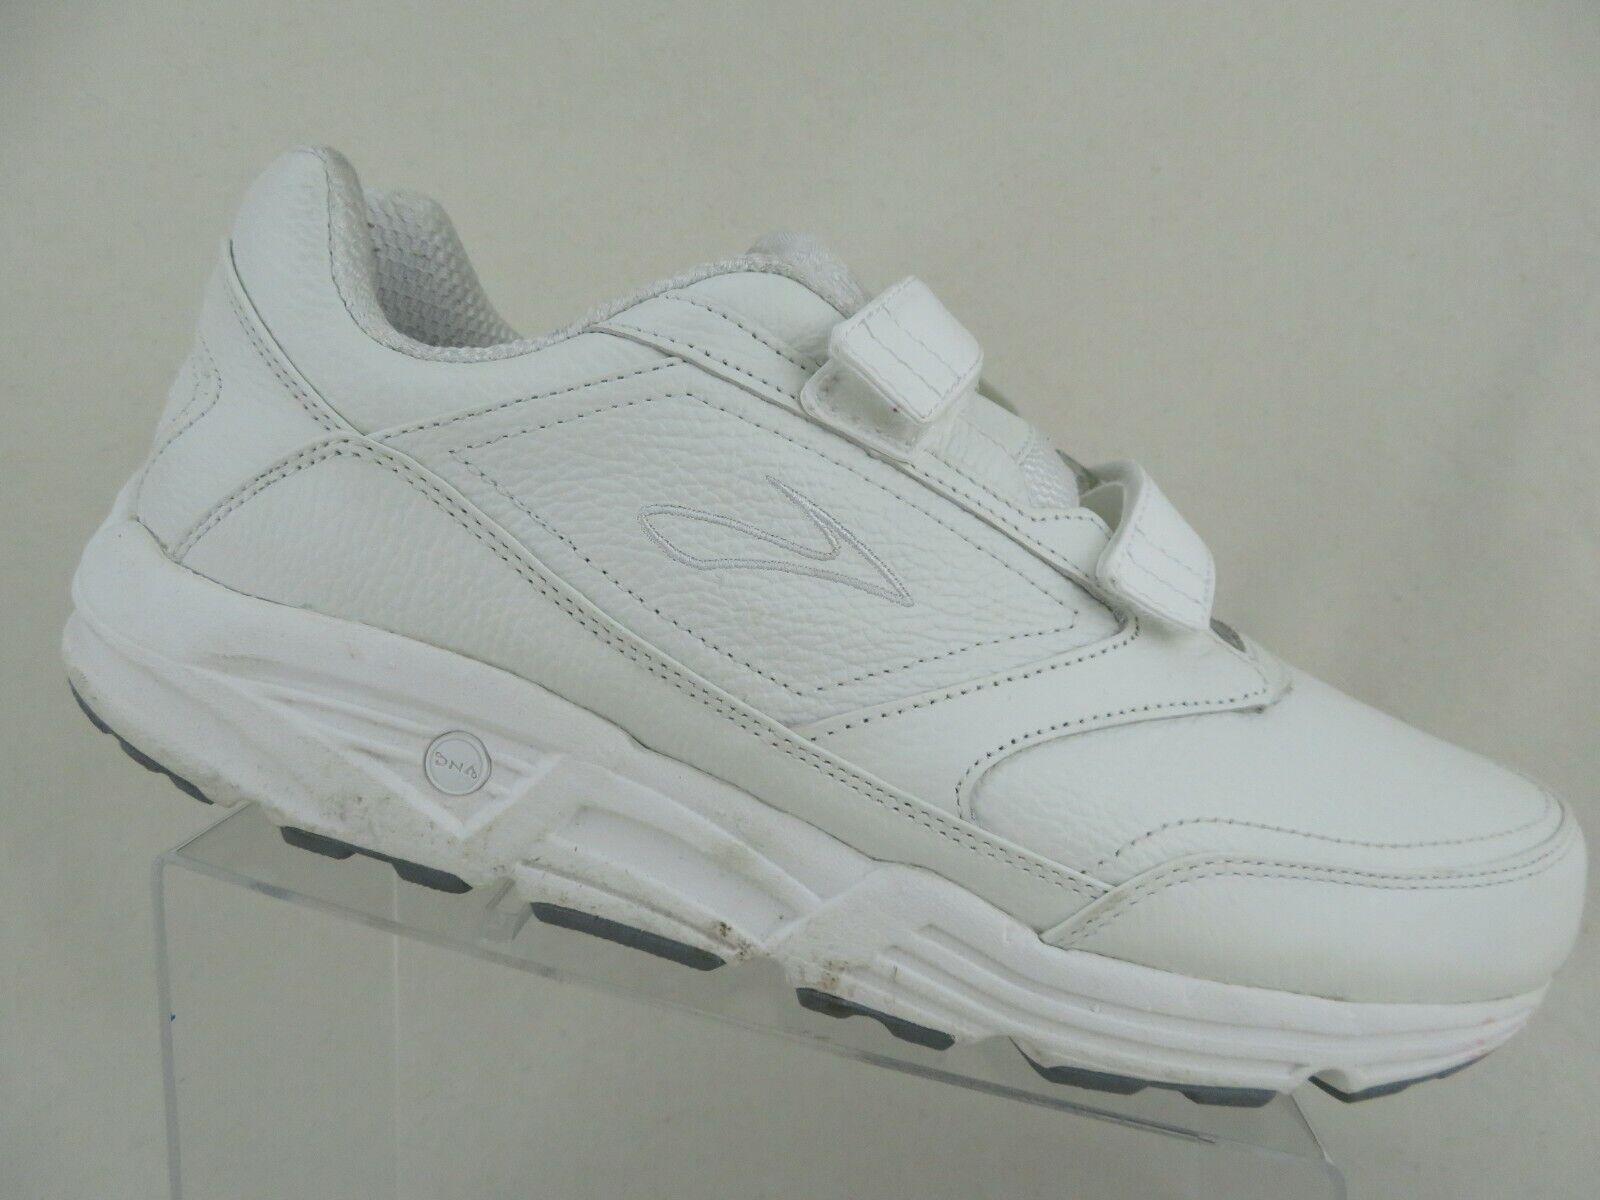 BROOKS Addiction Walker blancoo E Doble Correa Extra Ancho De Hombre Zapatos Para Caminar